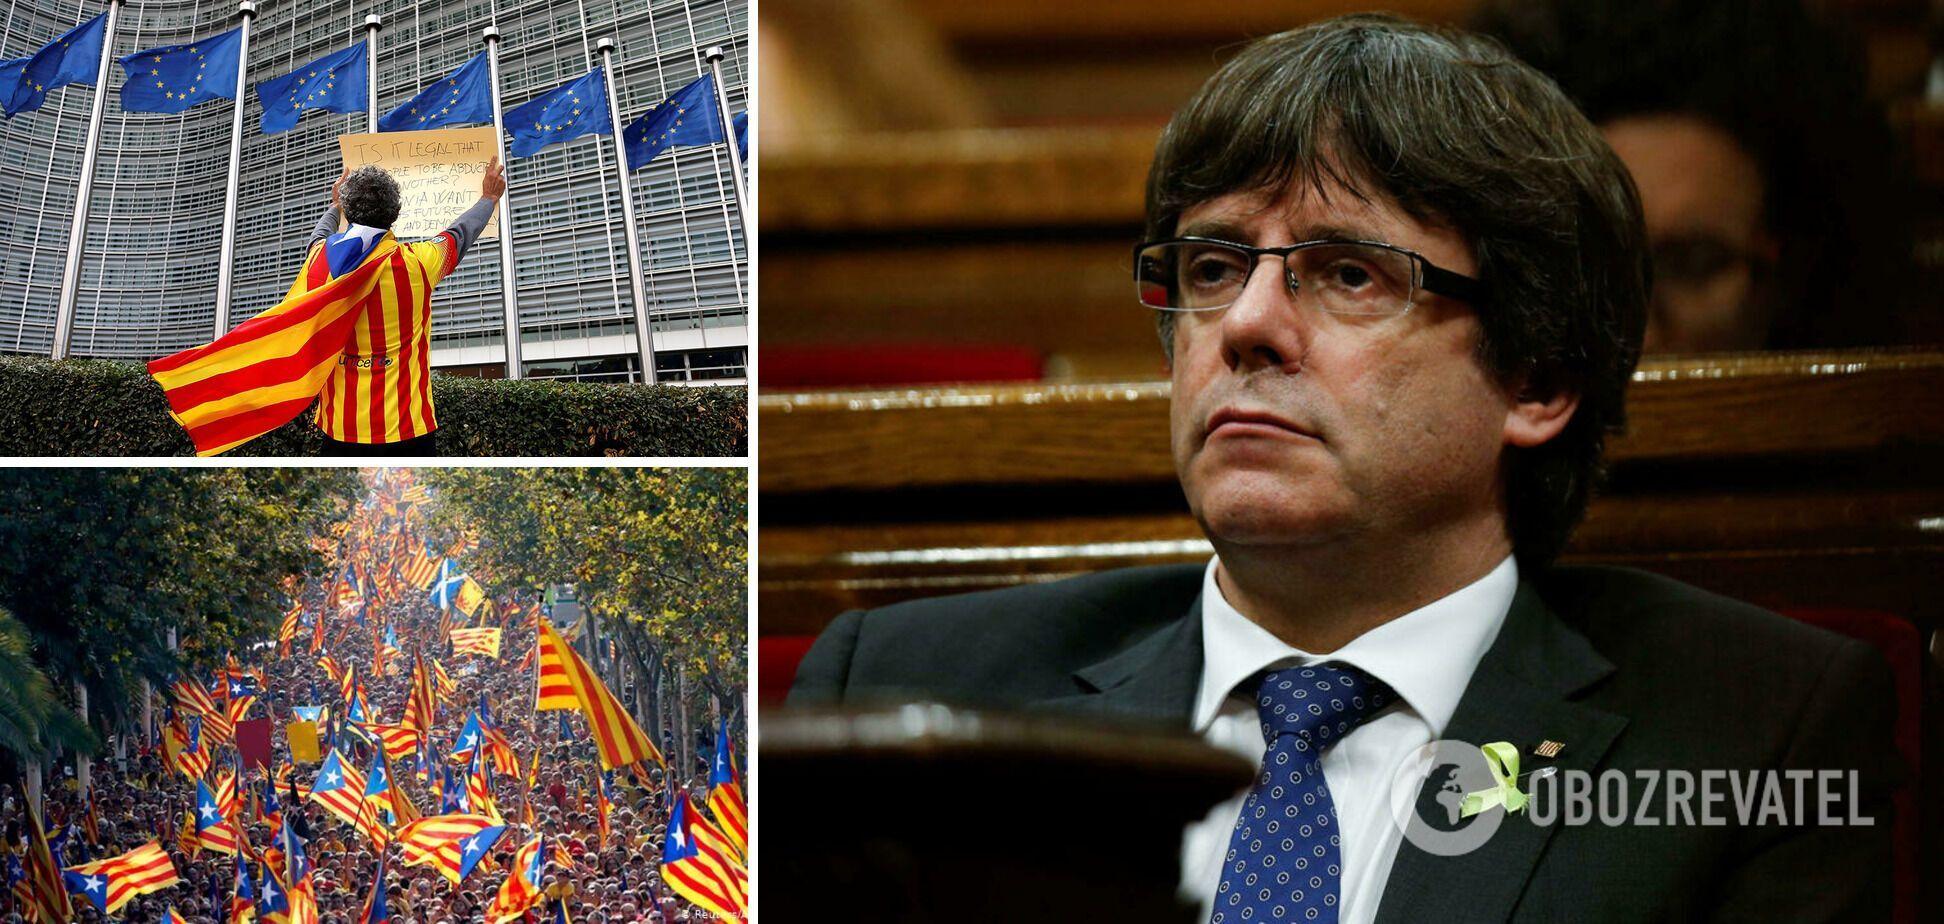 Пучдемона обвиняют в помощи организовать референдум о независимости Каталонии